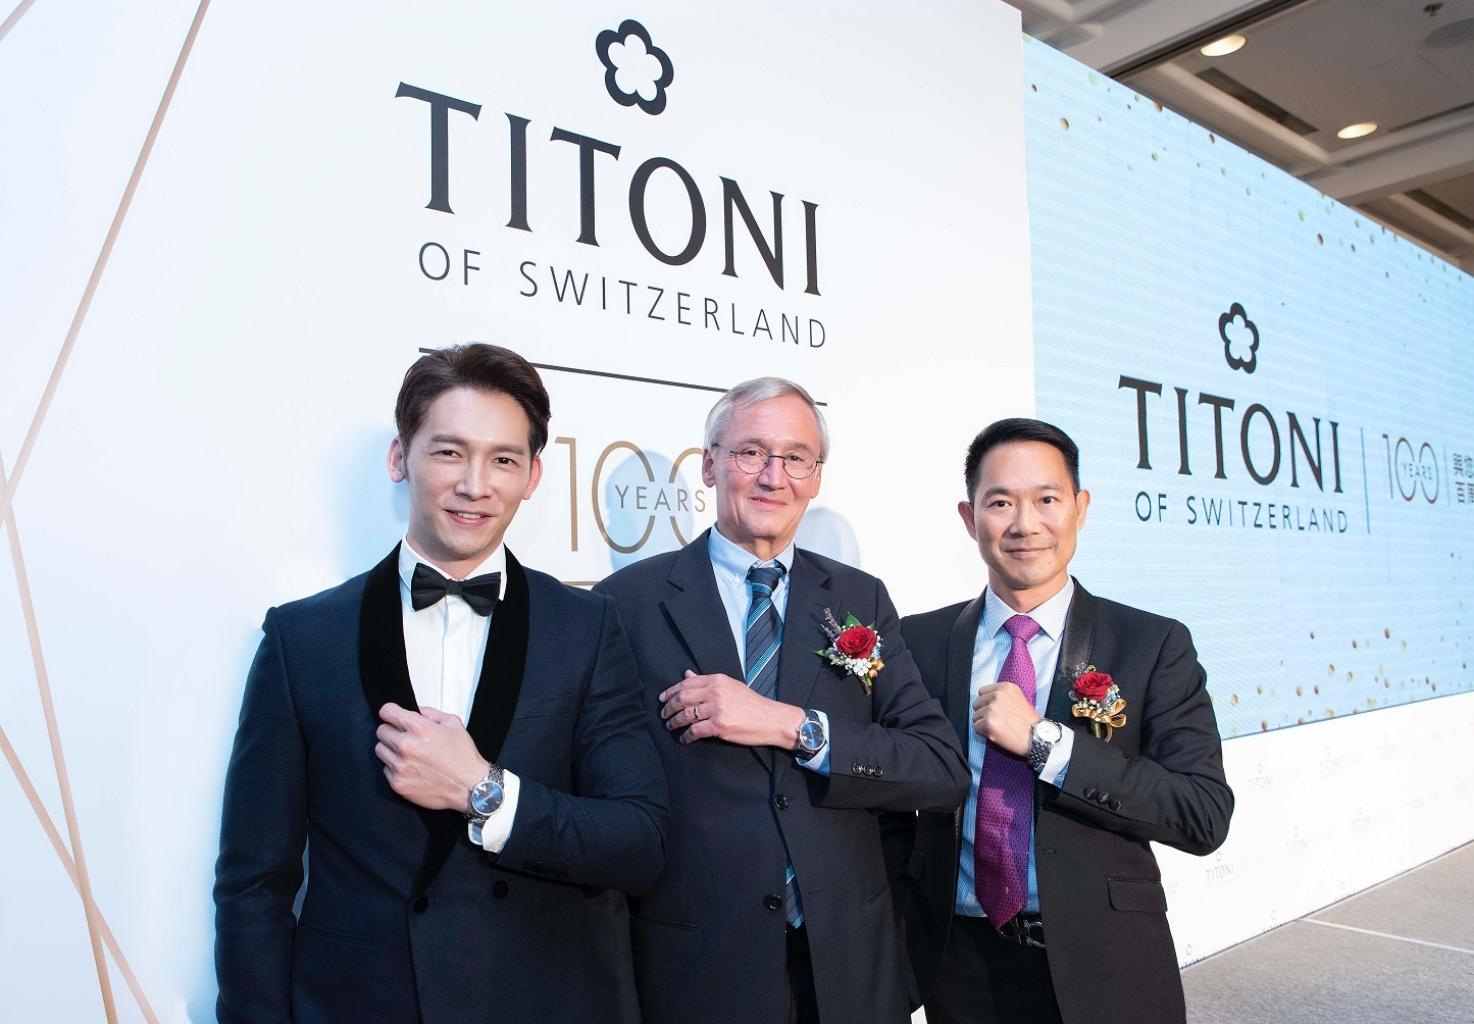 溫昇豪與titoni總裁 丹尼爾‧史洛普 瑞德利顏廷鵬總經理一同見證紳士的真摯時刻